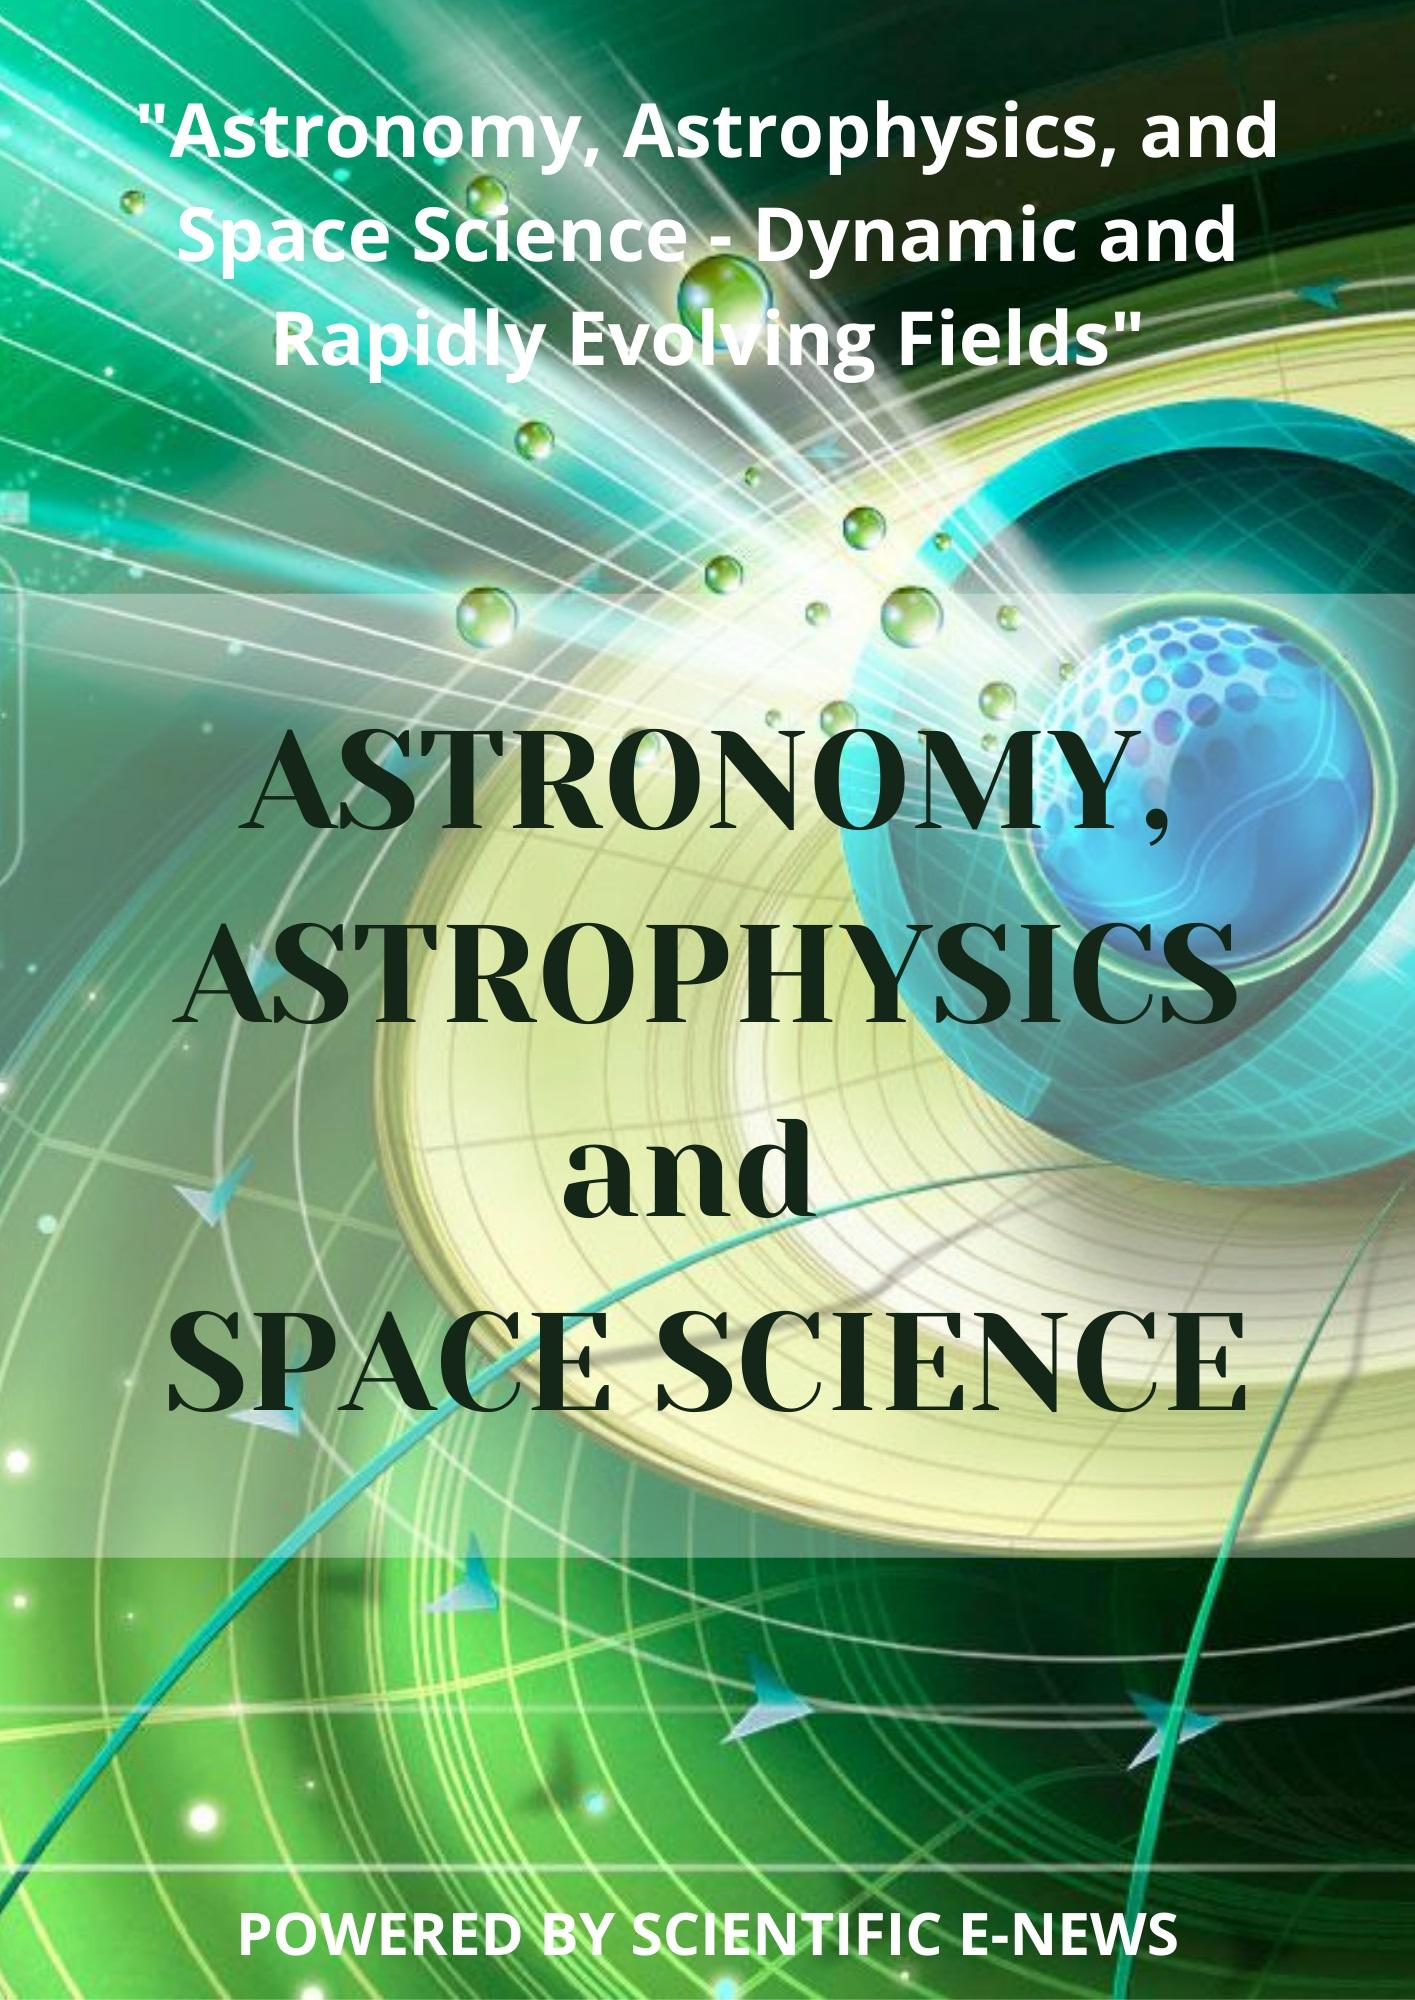 Scientific E-News